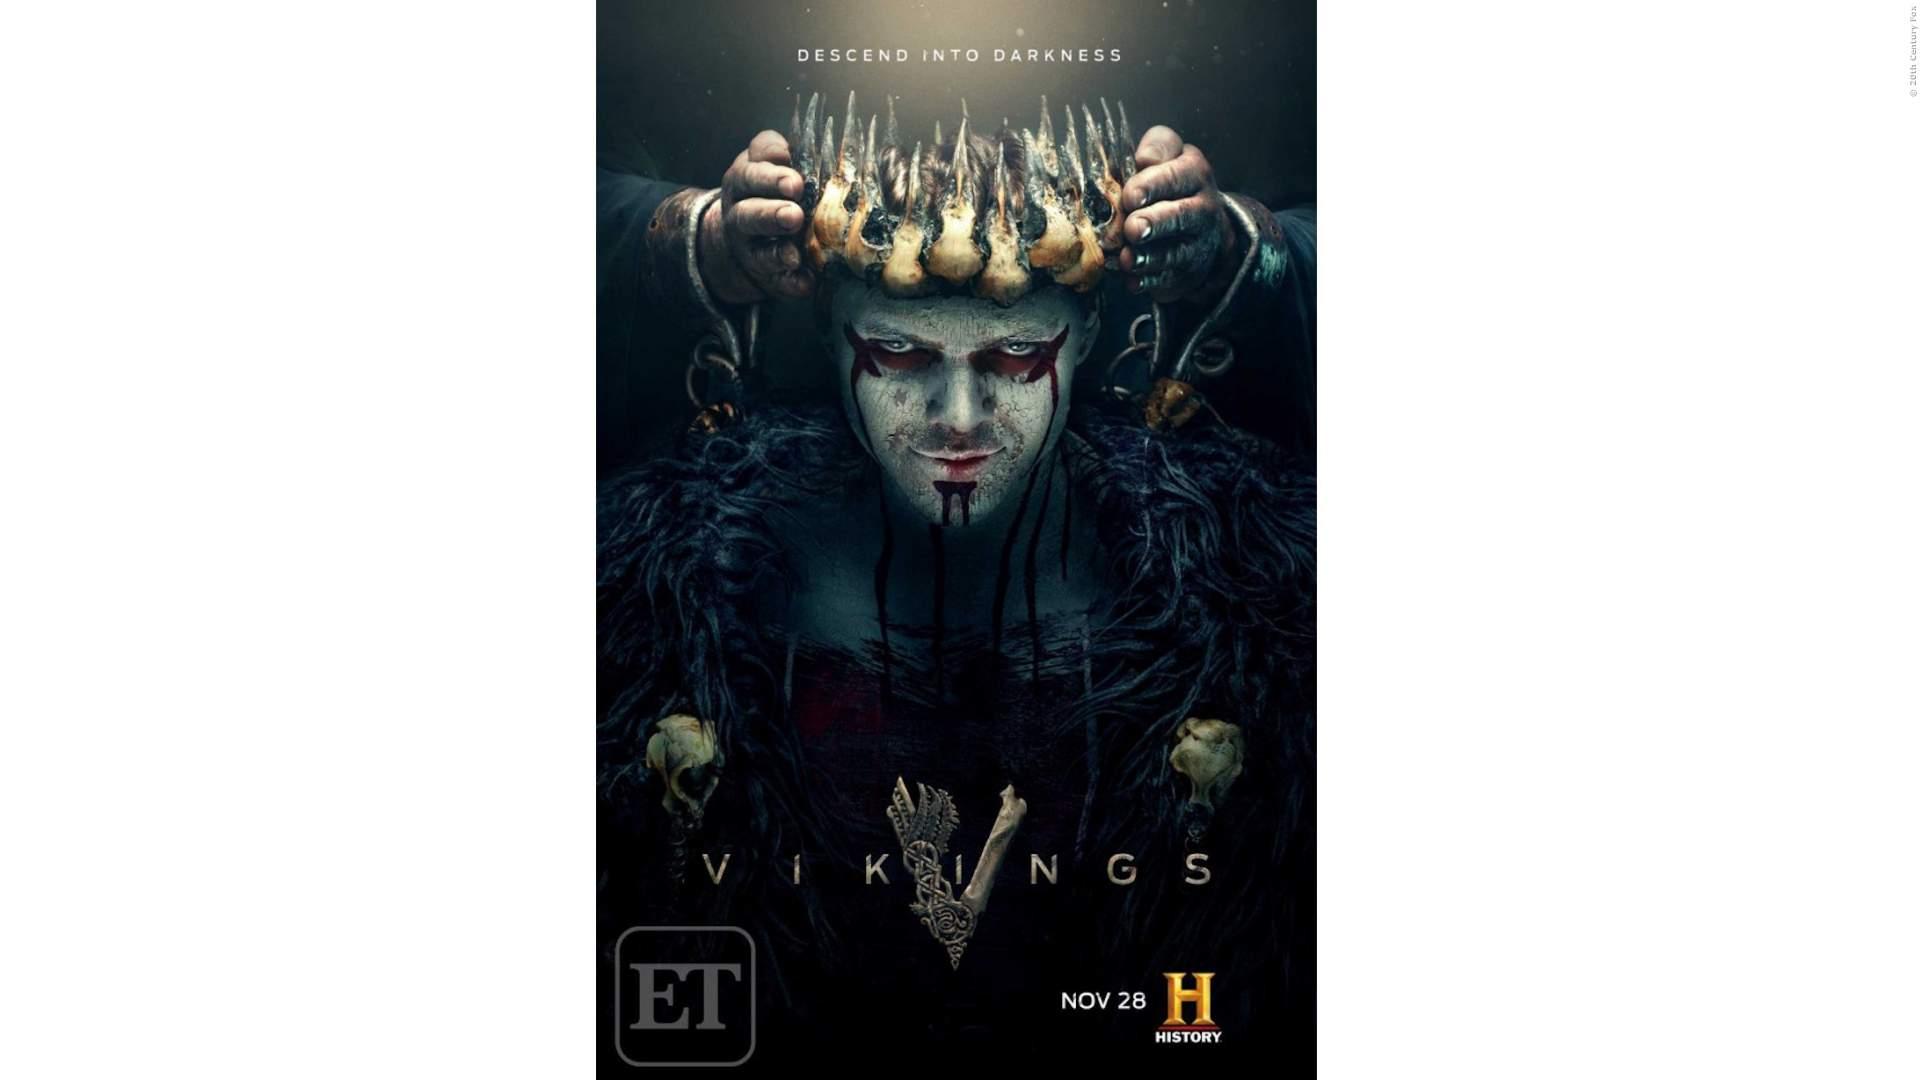 Vikings Staffel 5 Teil 2: Krasser Trailer veröffentlicht - Bild 1 von 1